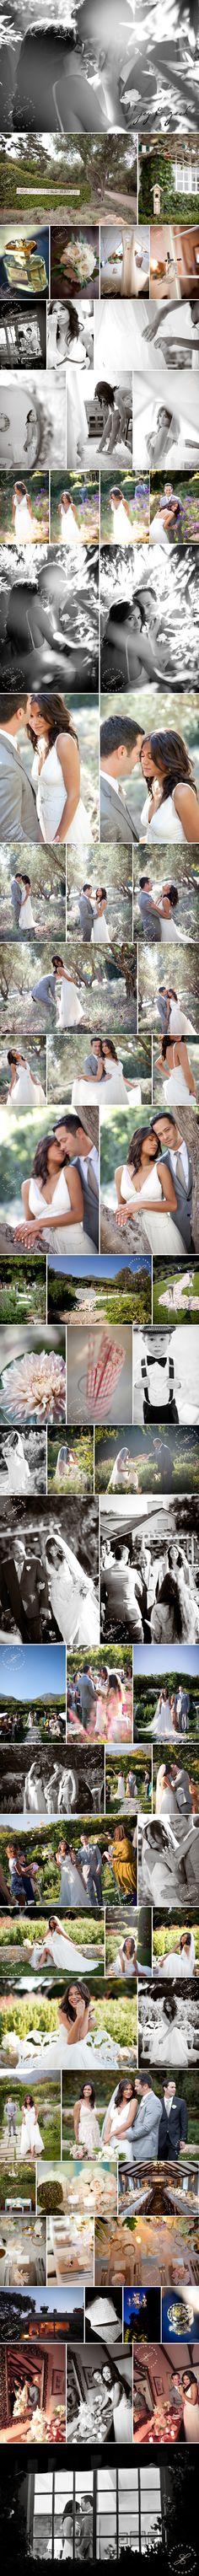 Wedding/engagement poses